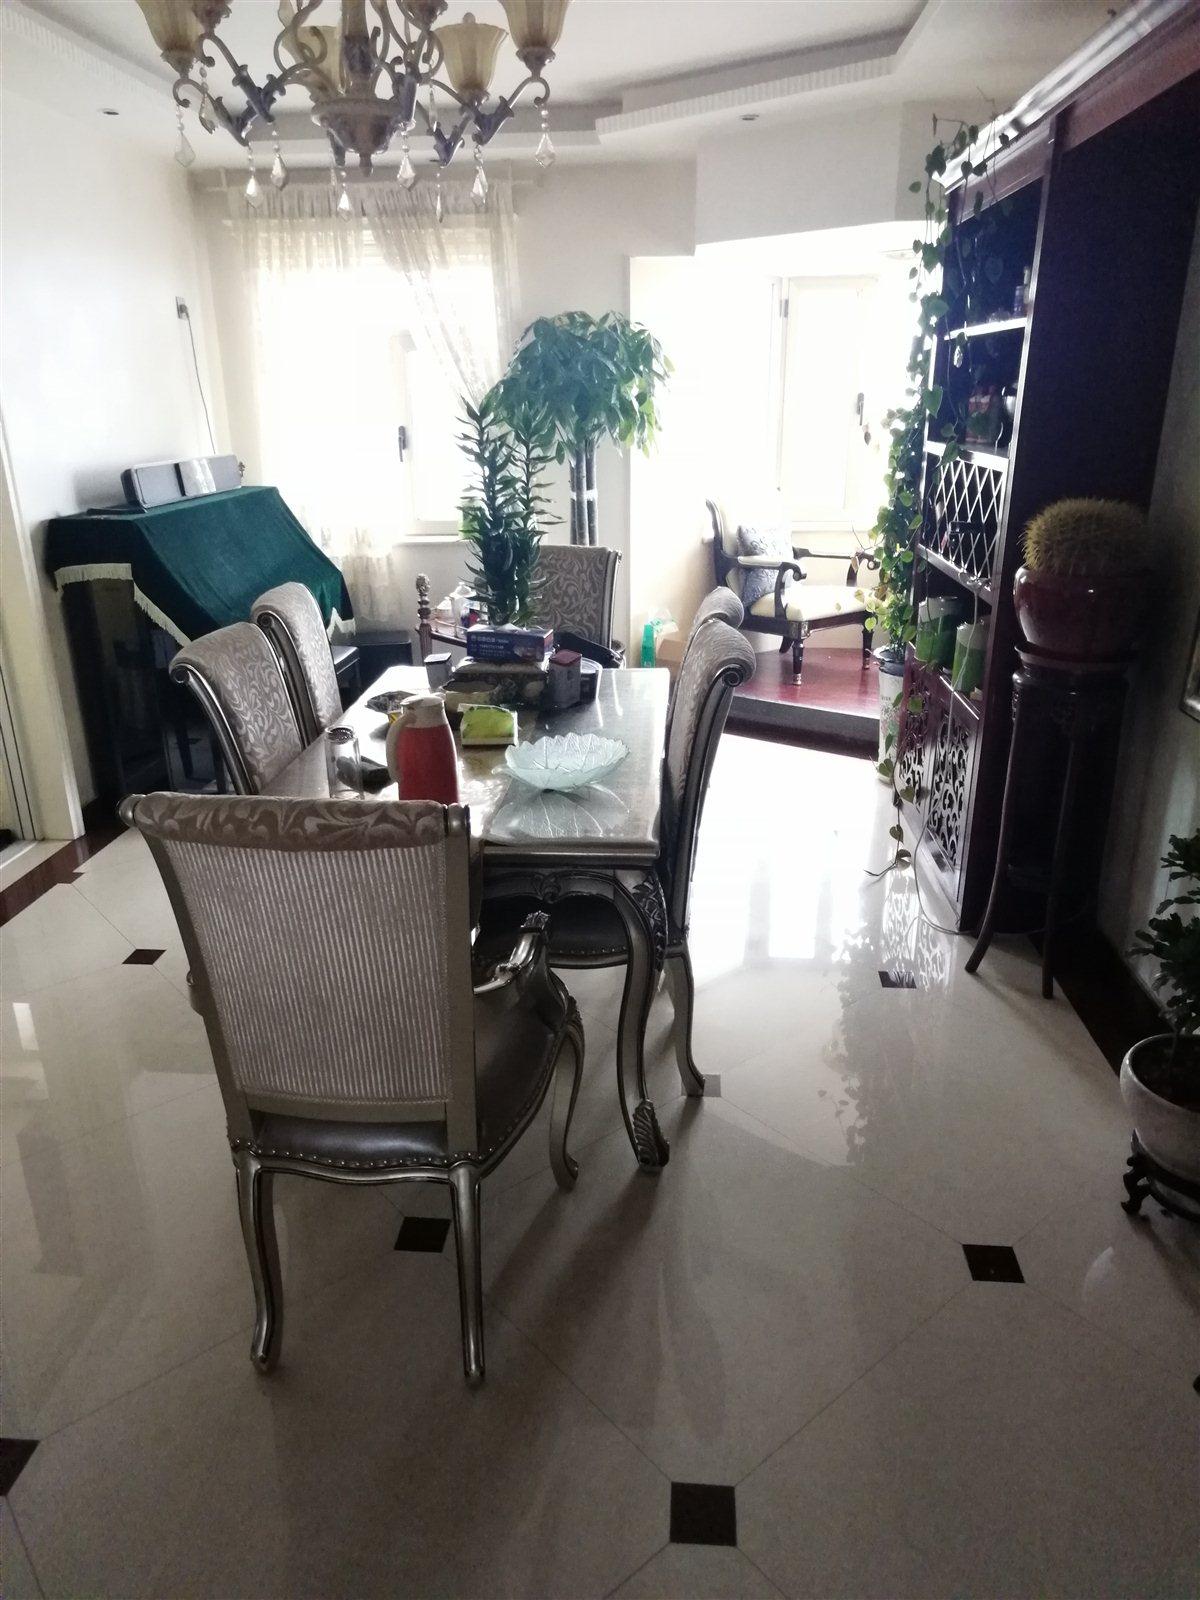 中天美湖居4室 2厅 2卫160万元